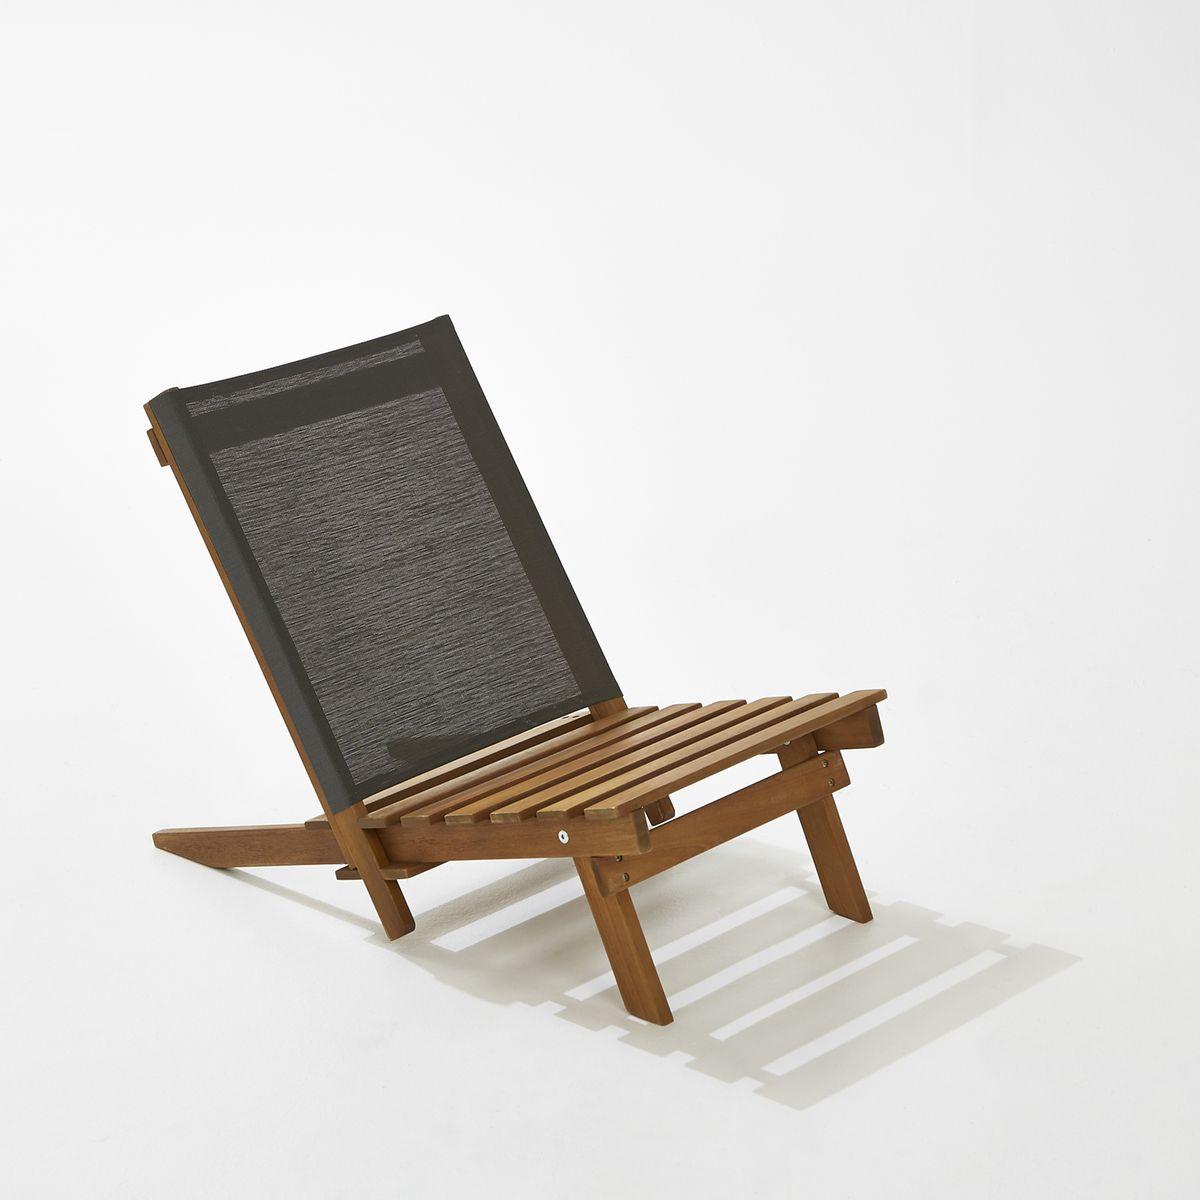 Chaise Basse De Plage, Oparon - Taille : Taille Unique ... serapportantà Chaise Basse De Jardin